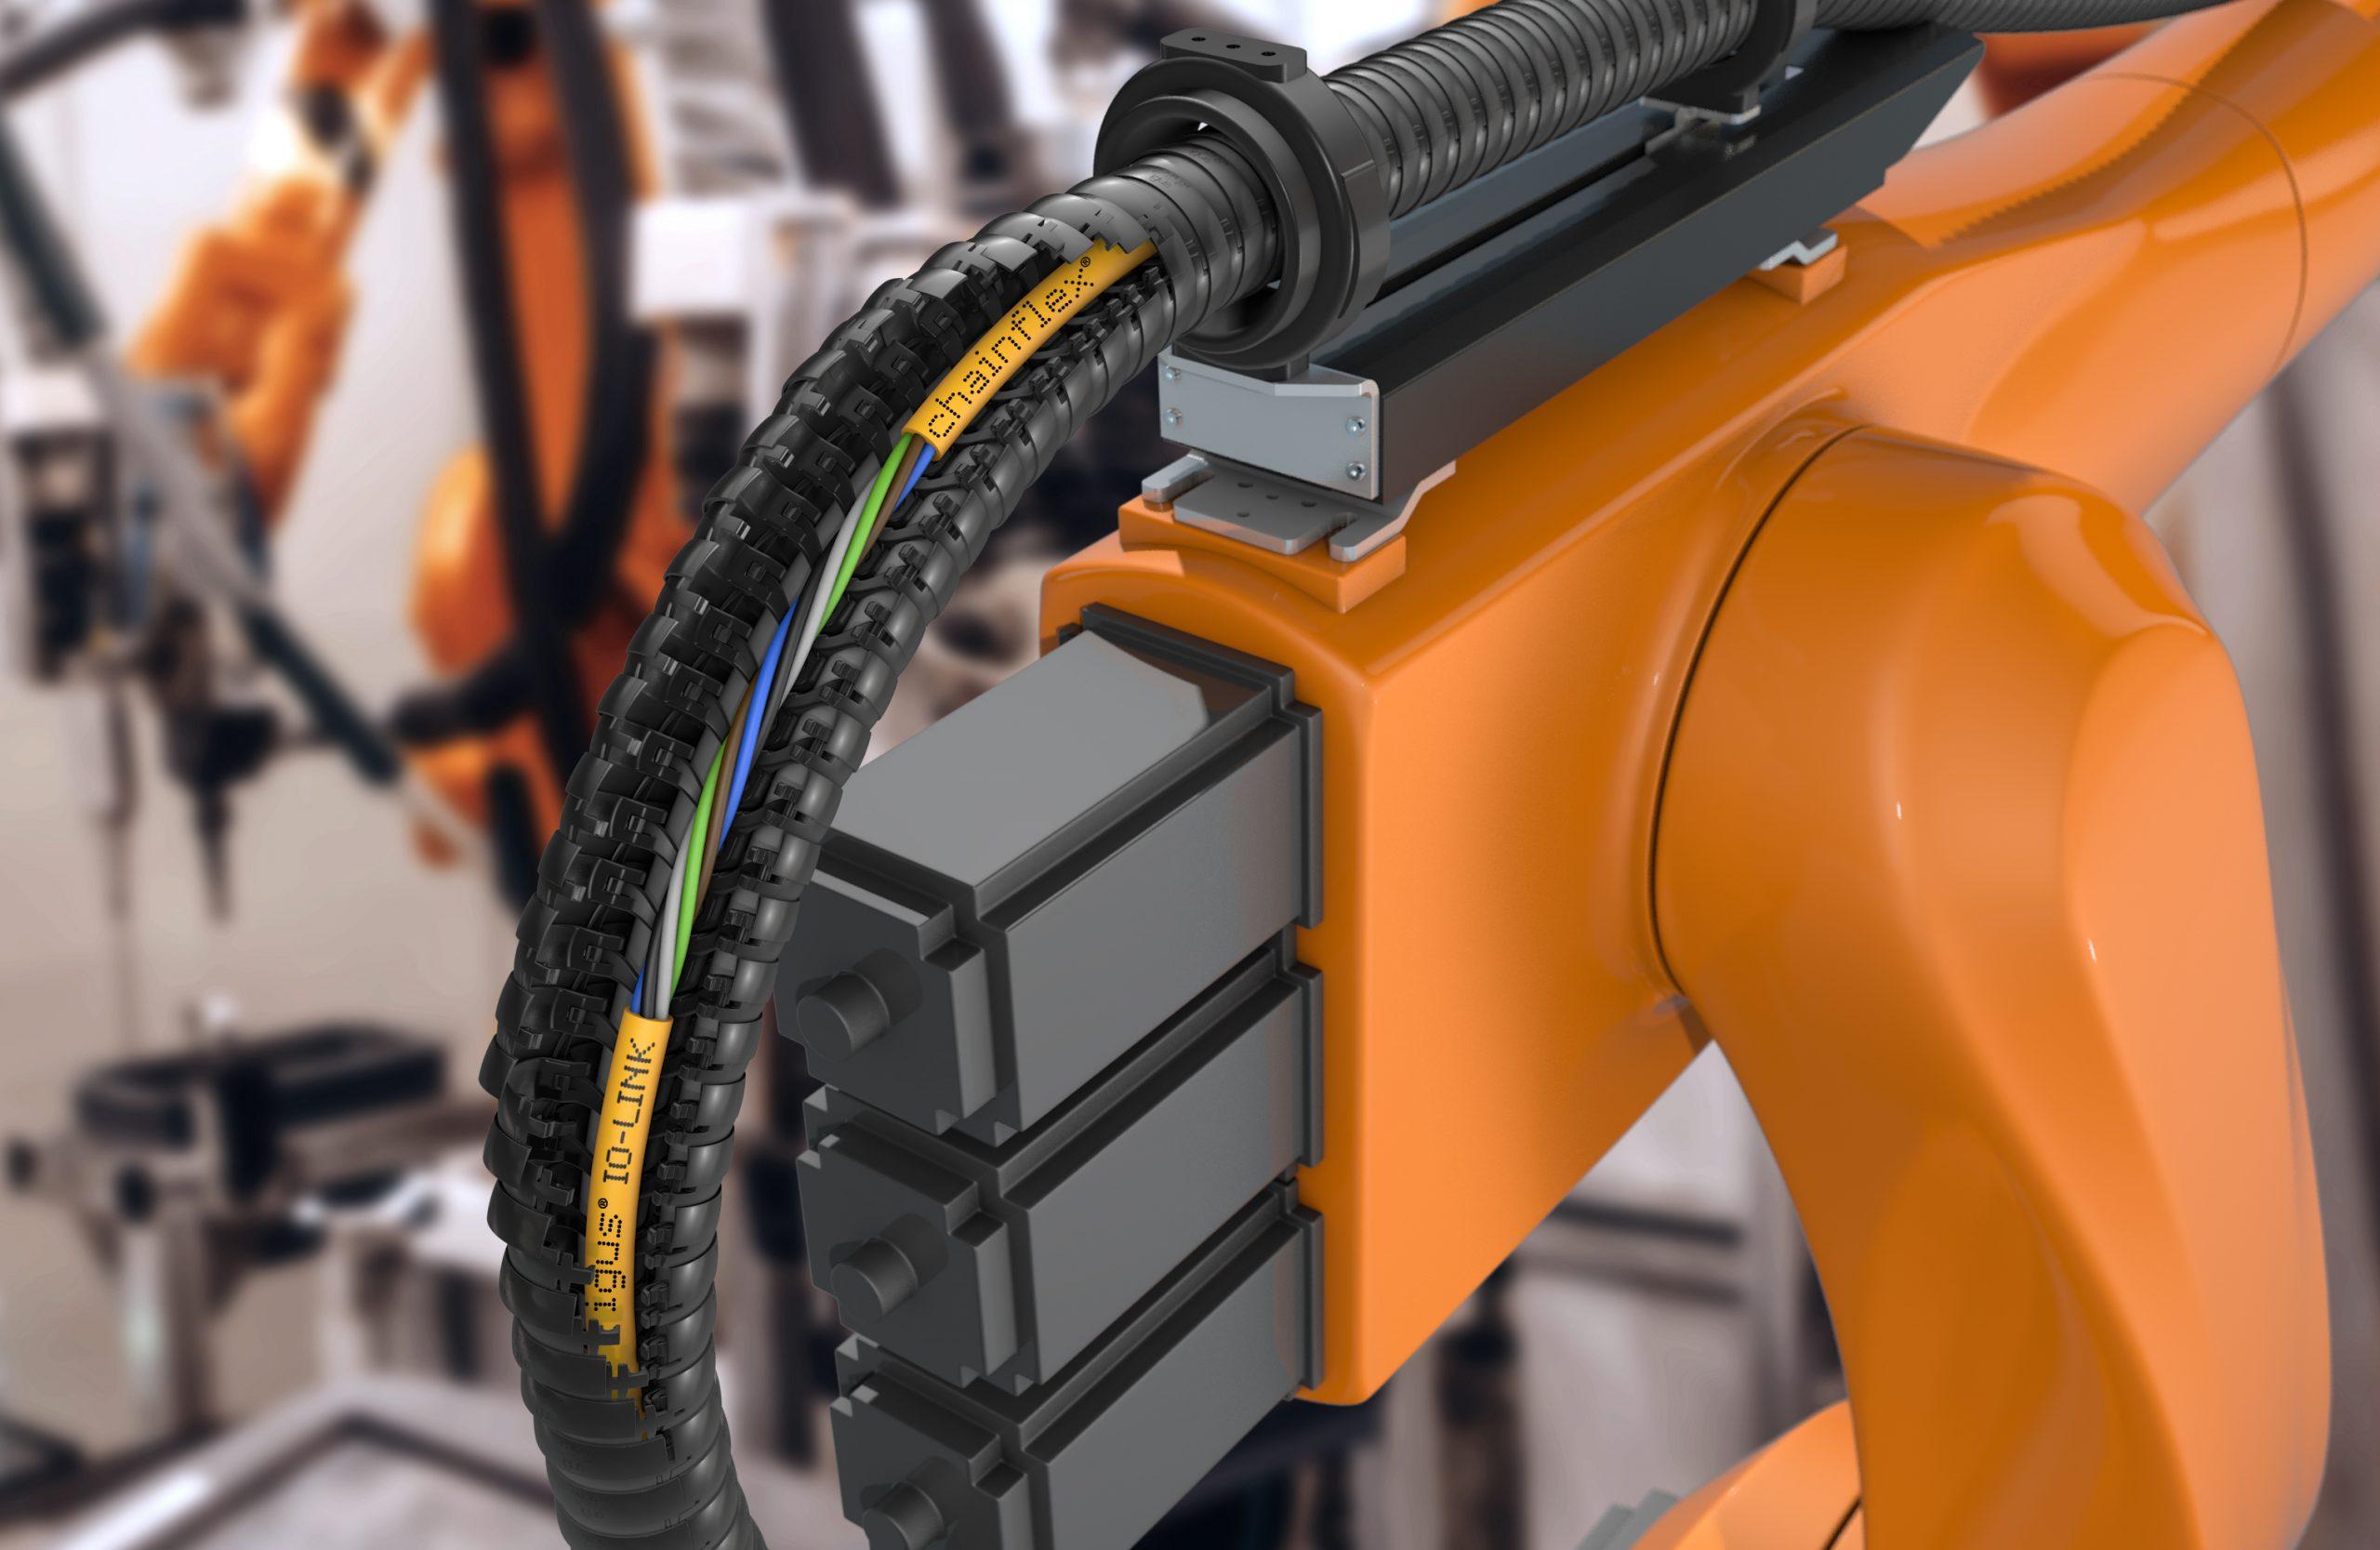 IO-Link-Leitungen für Energieketten und Roboter